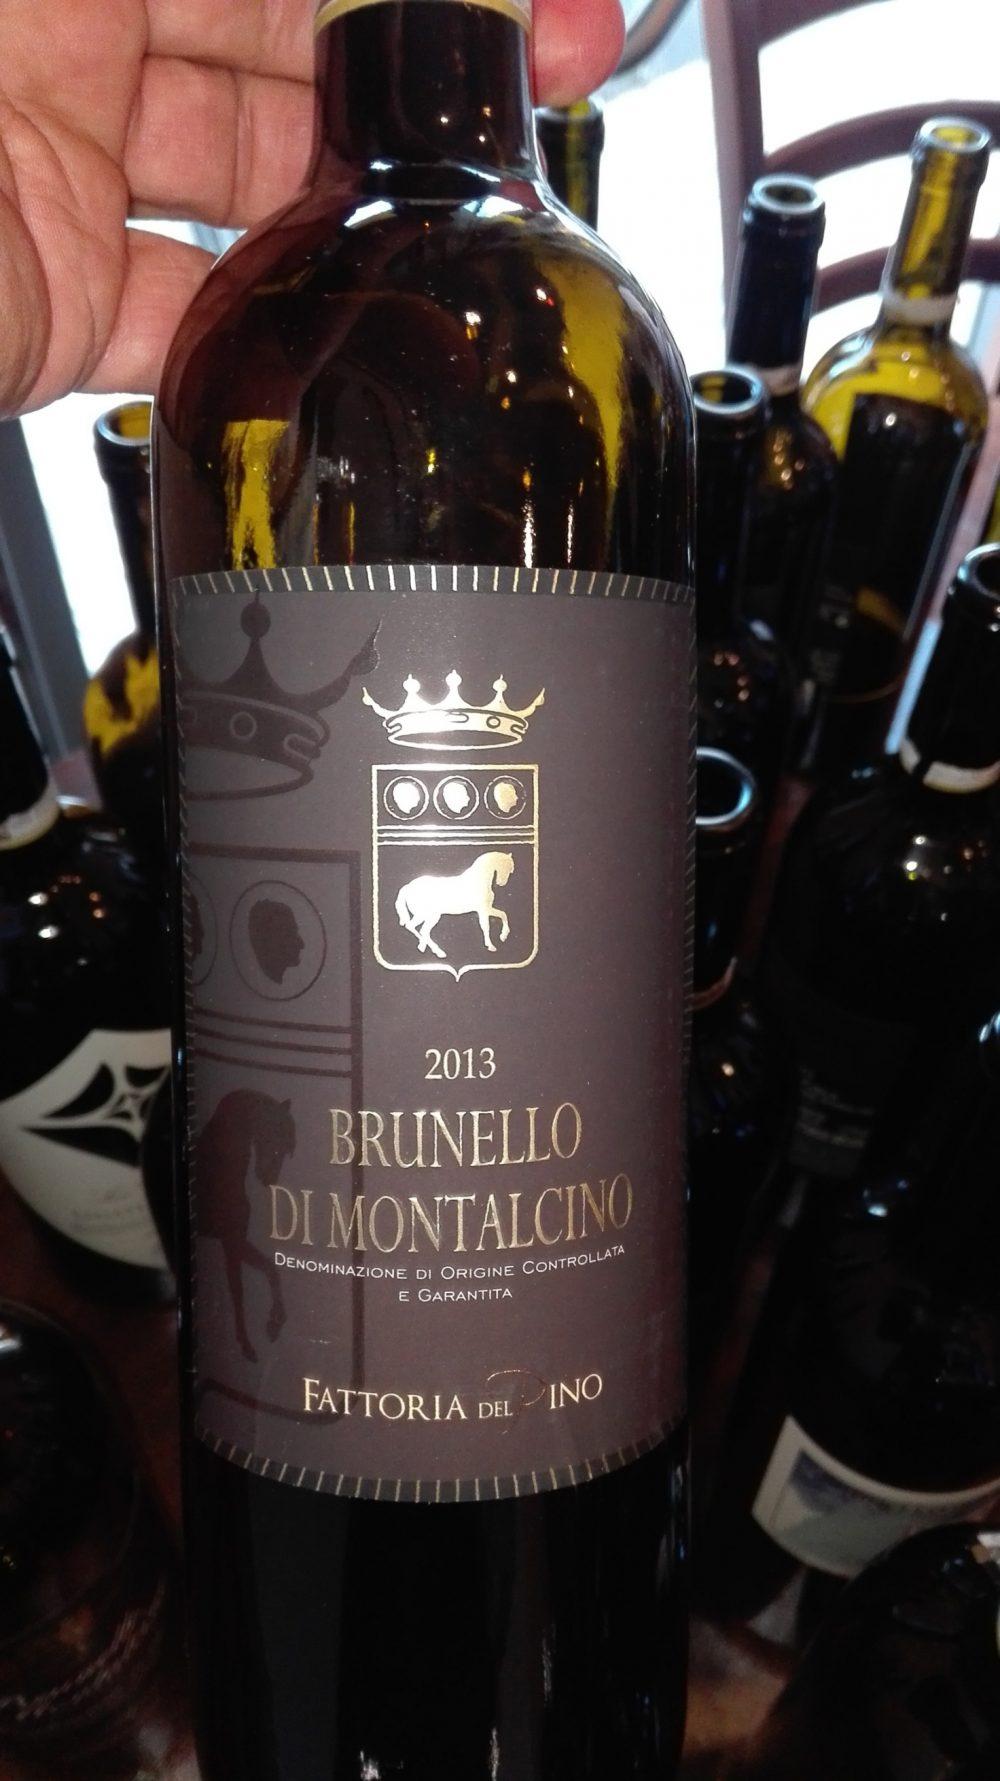 Brunello di Montalcino 2013 Vs 2012 - Fattoria del Pino